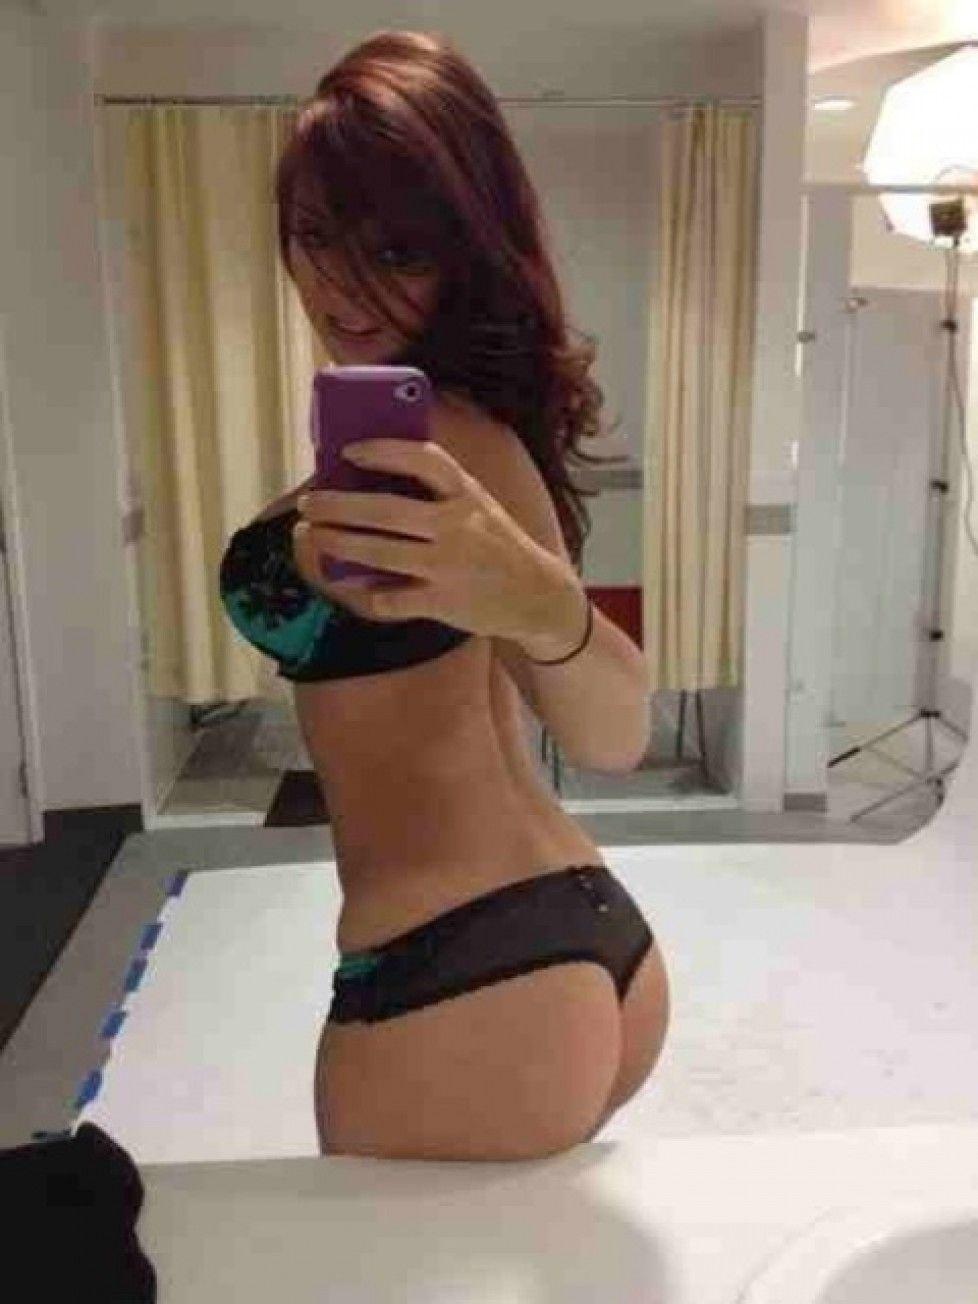 hot selfie | selfies | pinterest | selfies, nude and girls